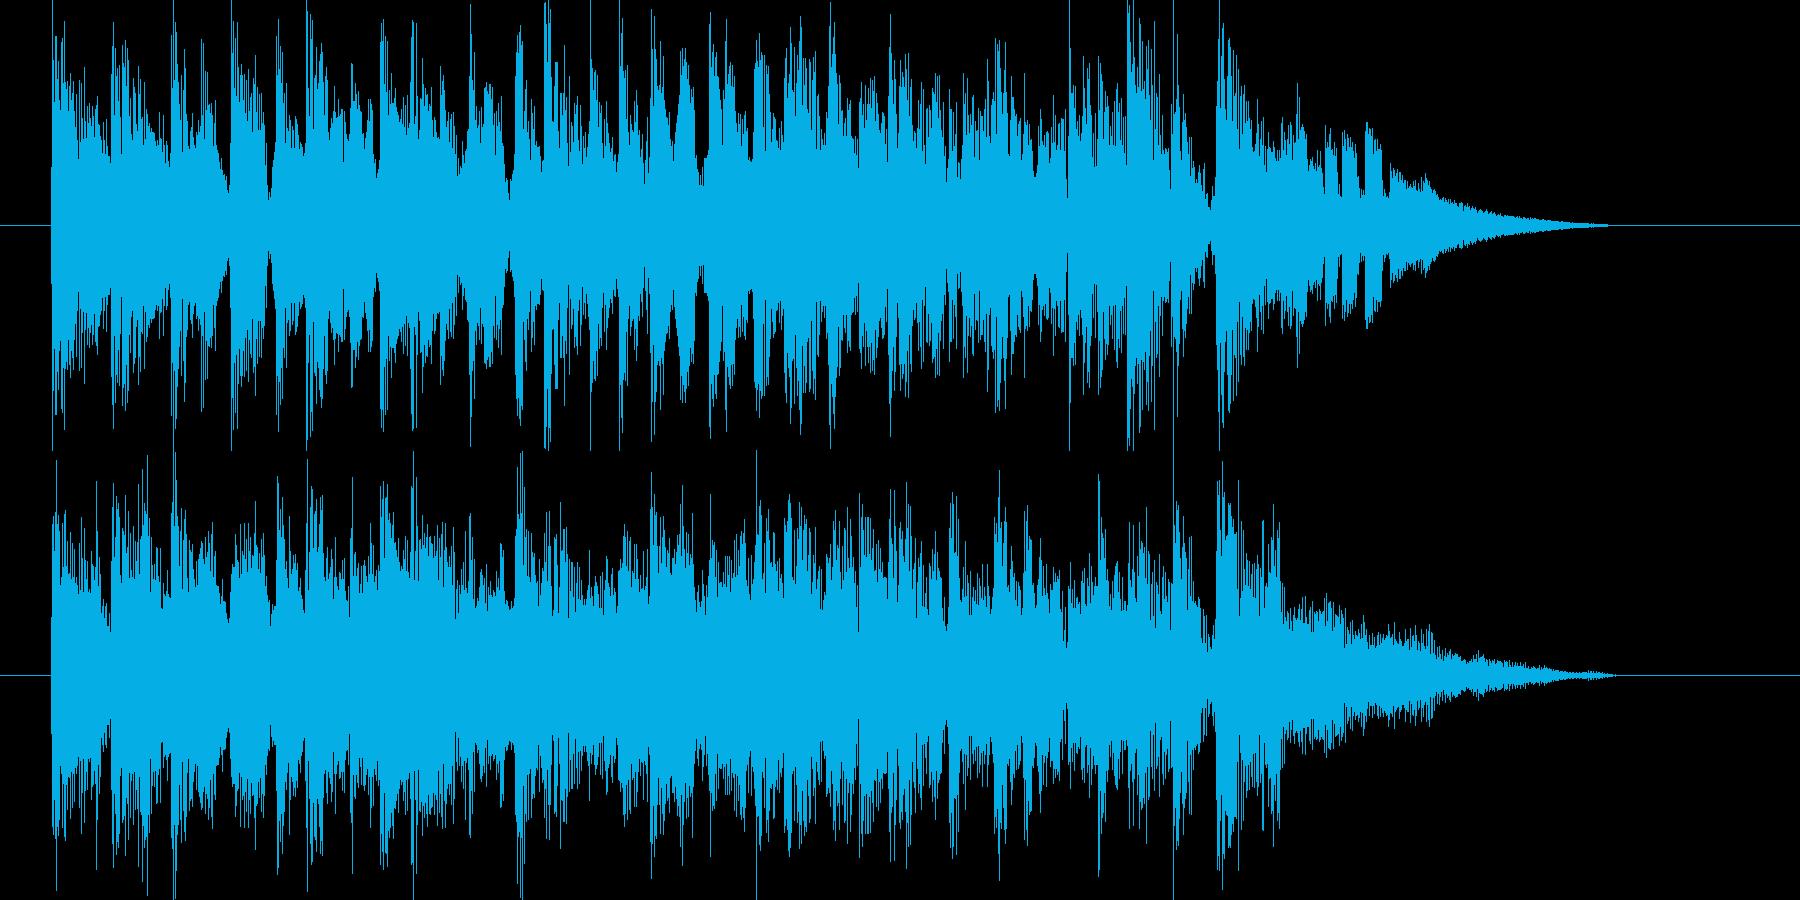 心安らぐ穏やかなバラードの再生済みの波形